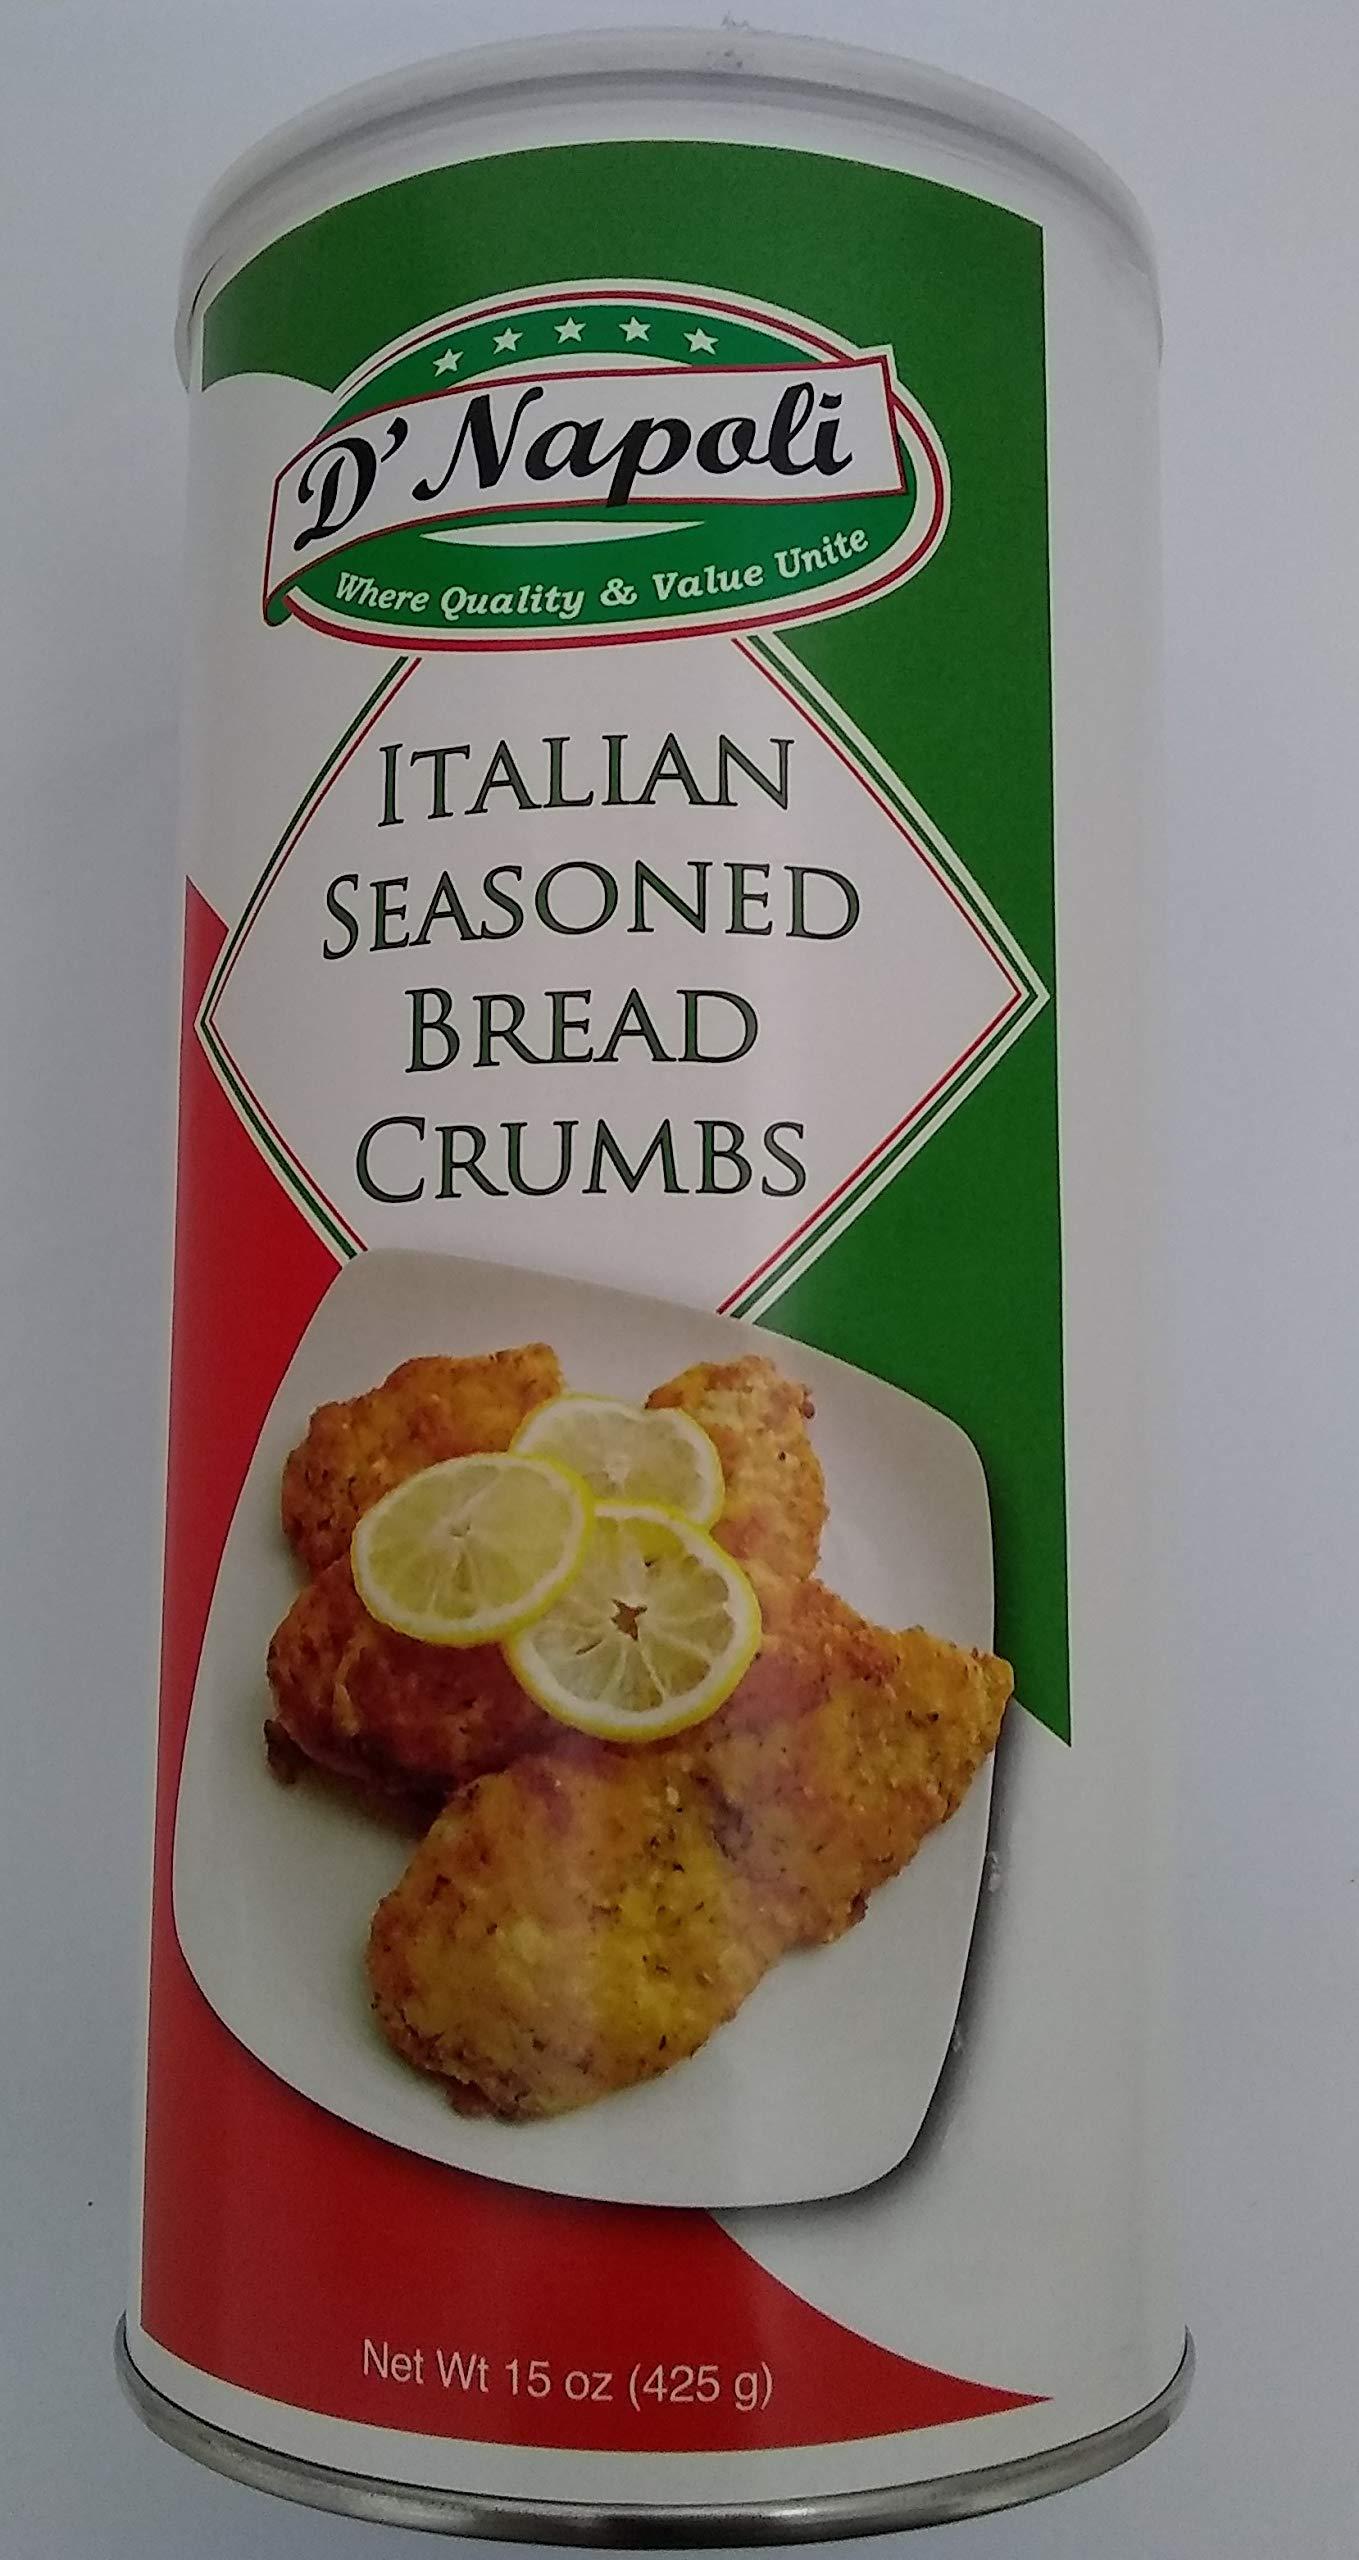 D' Napoli Italian Seasoned Bread Crumbs 15 oz